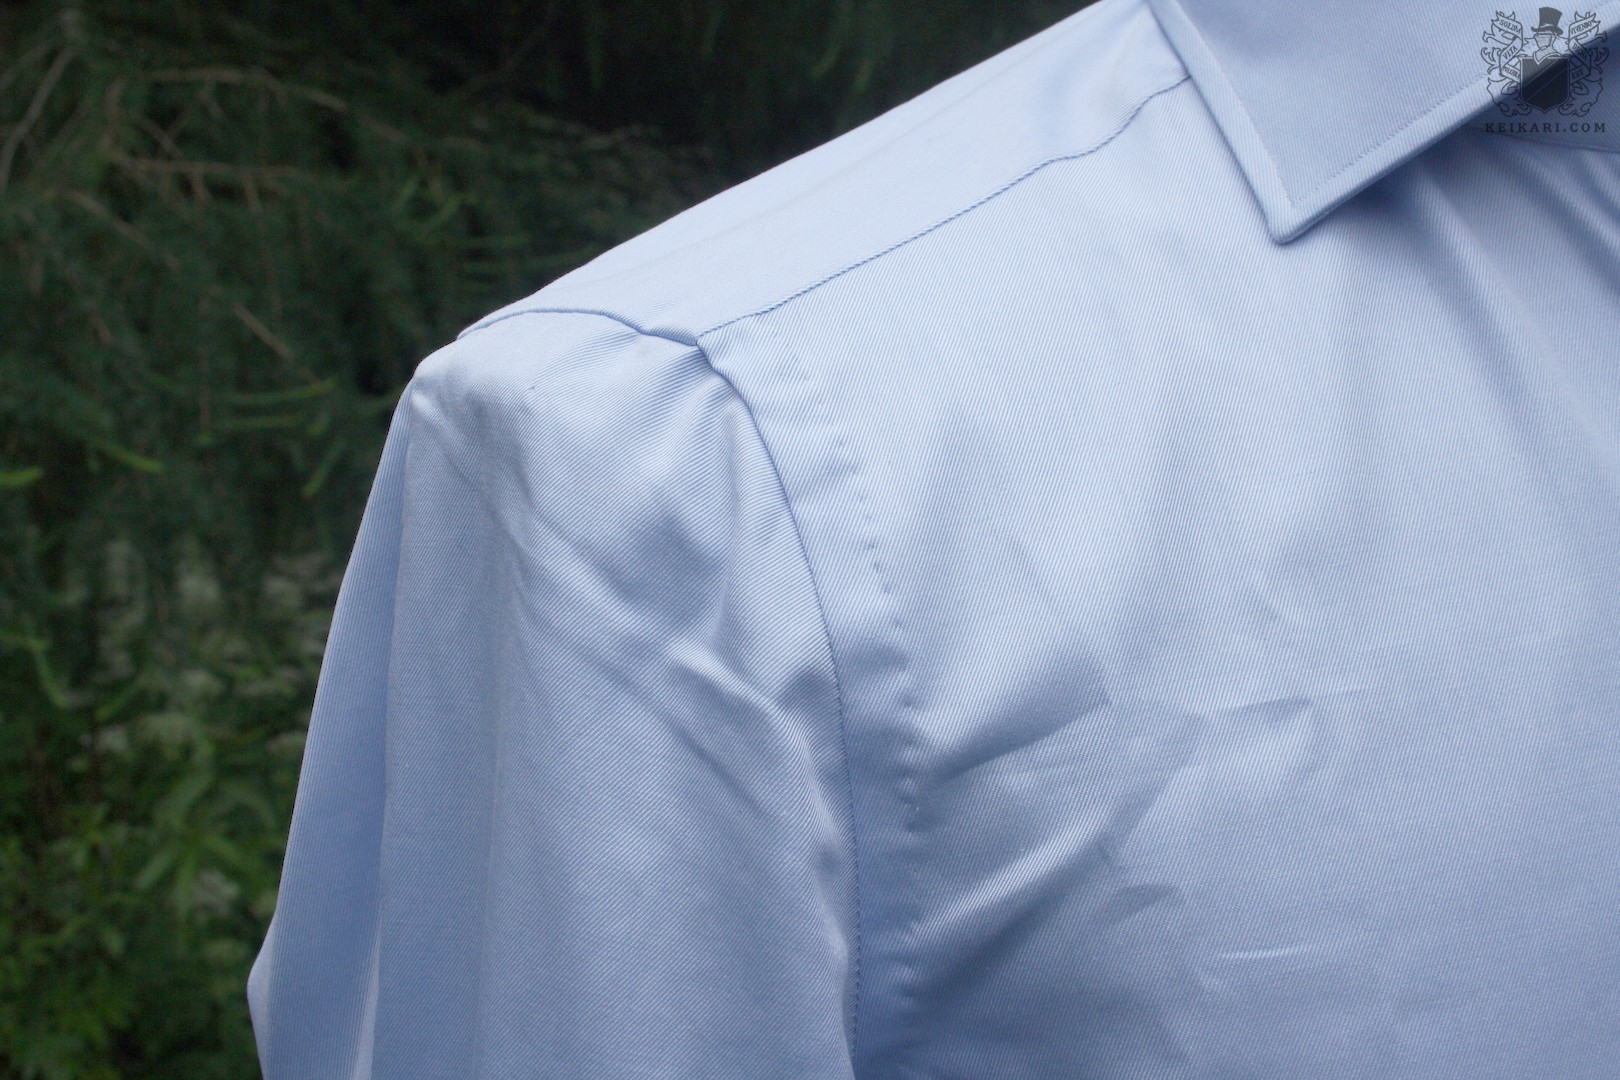 Anatomy_of_an_Isaia_shirt_at_Keikari_dot_com03